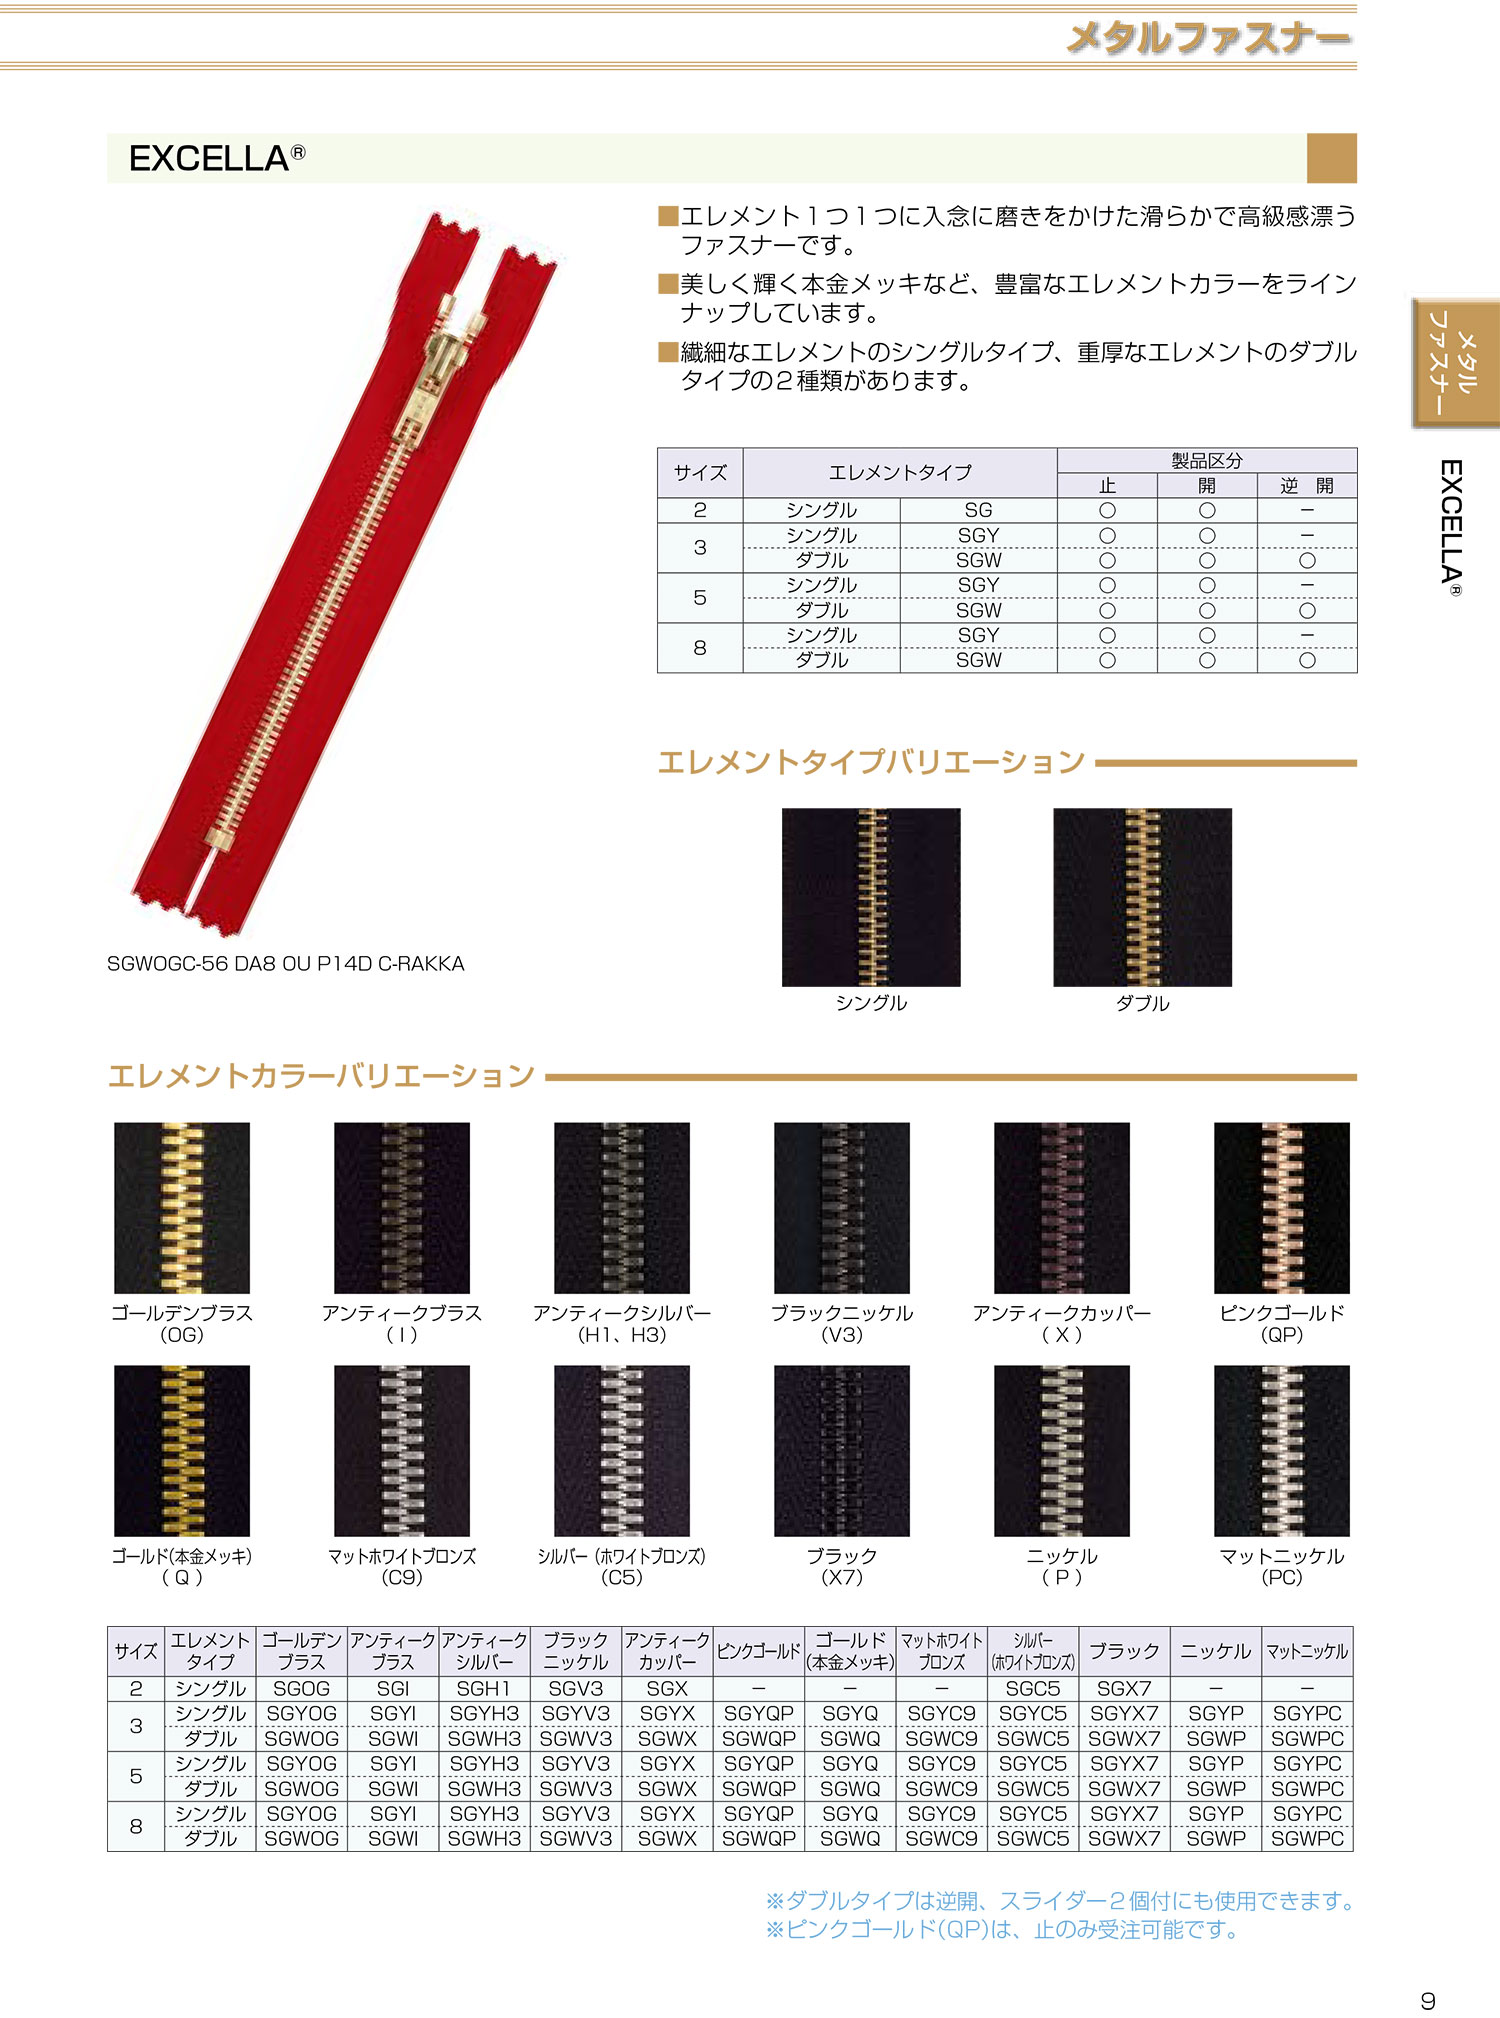 8SGYPC エクセラ 8サイズ ニッケル 止め シングル[ファスナー] YKK/オークラ商事 - ApparelX アパレル資材卸通販